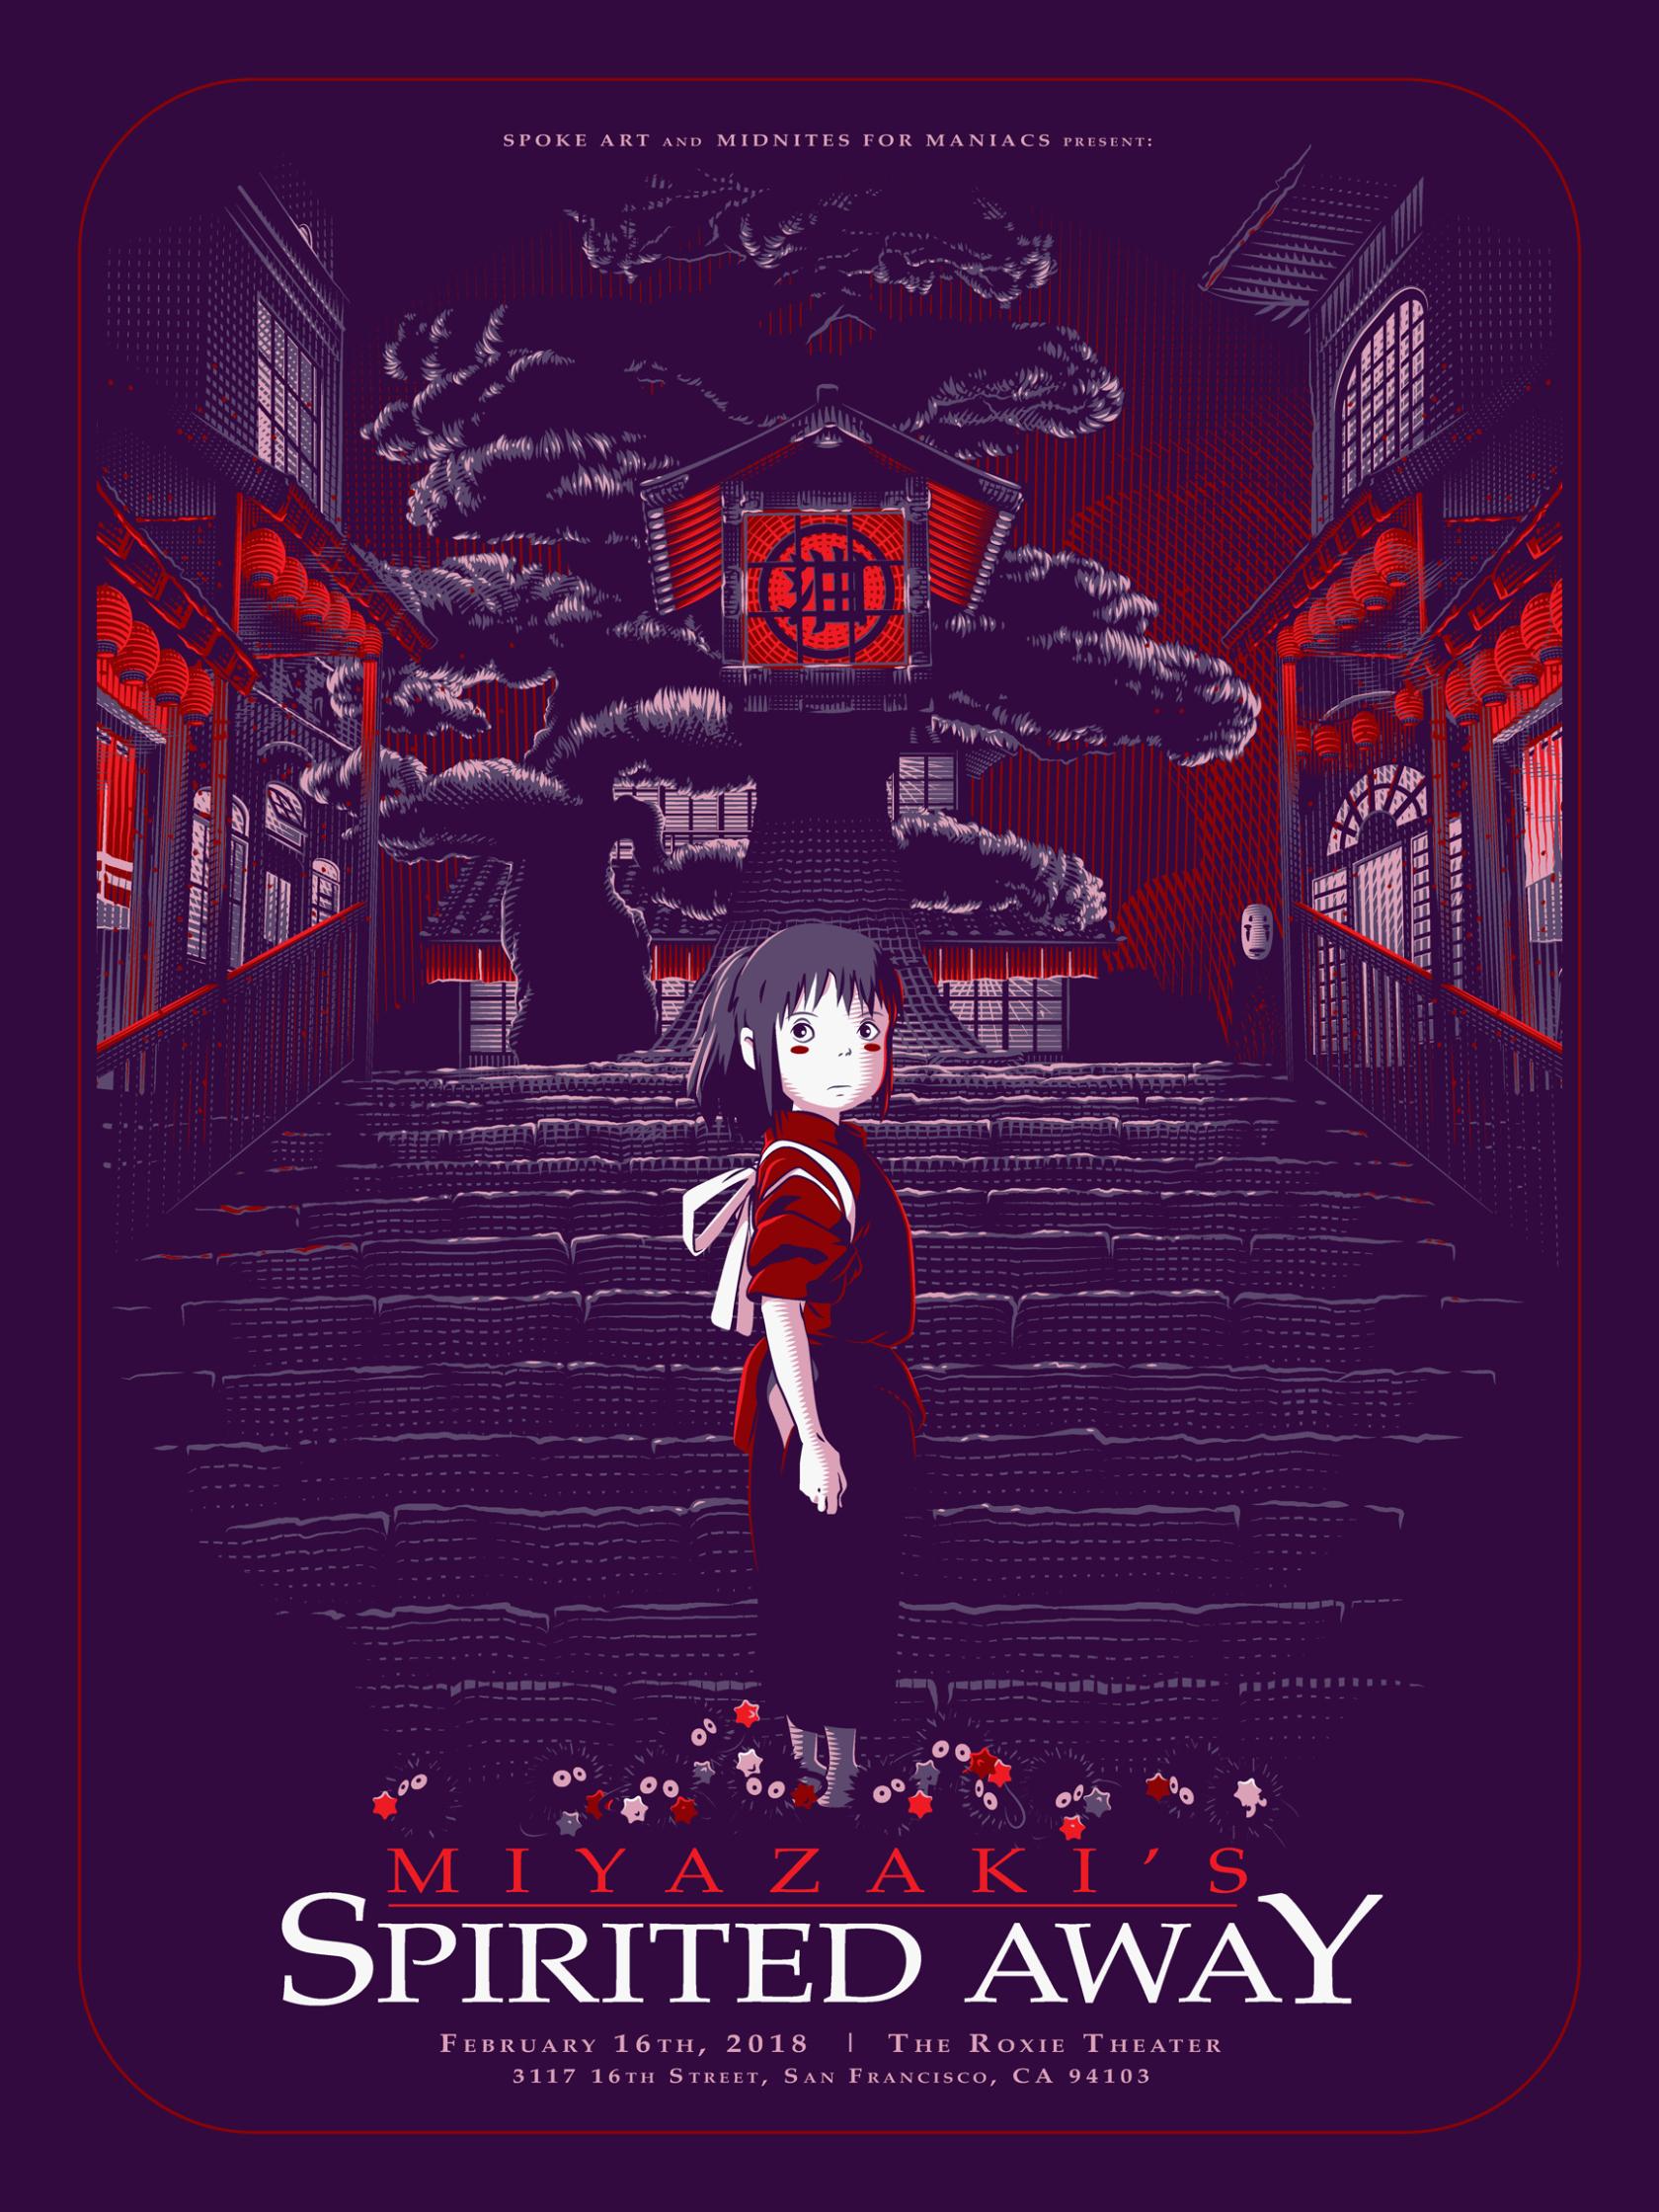 TChing-MiyazakiSpiritedAway.jpg